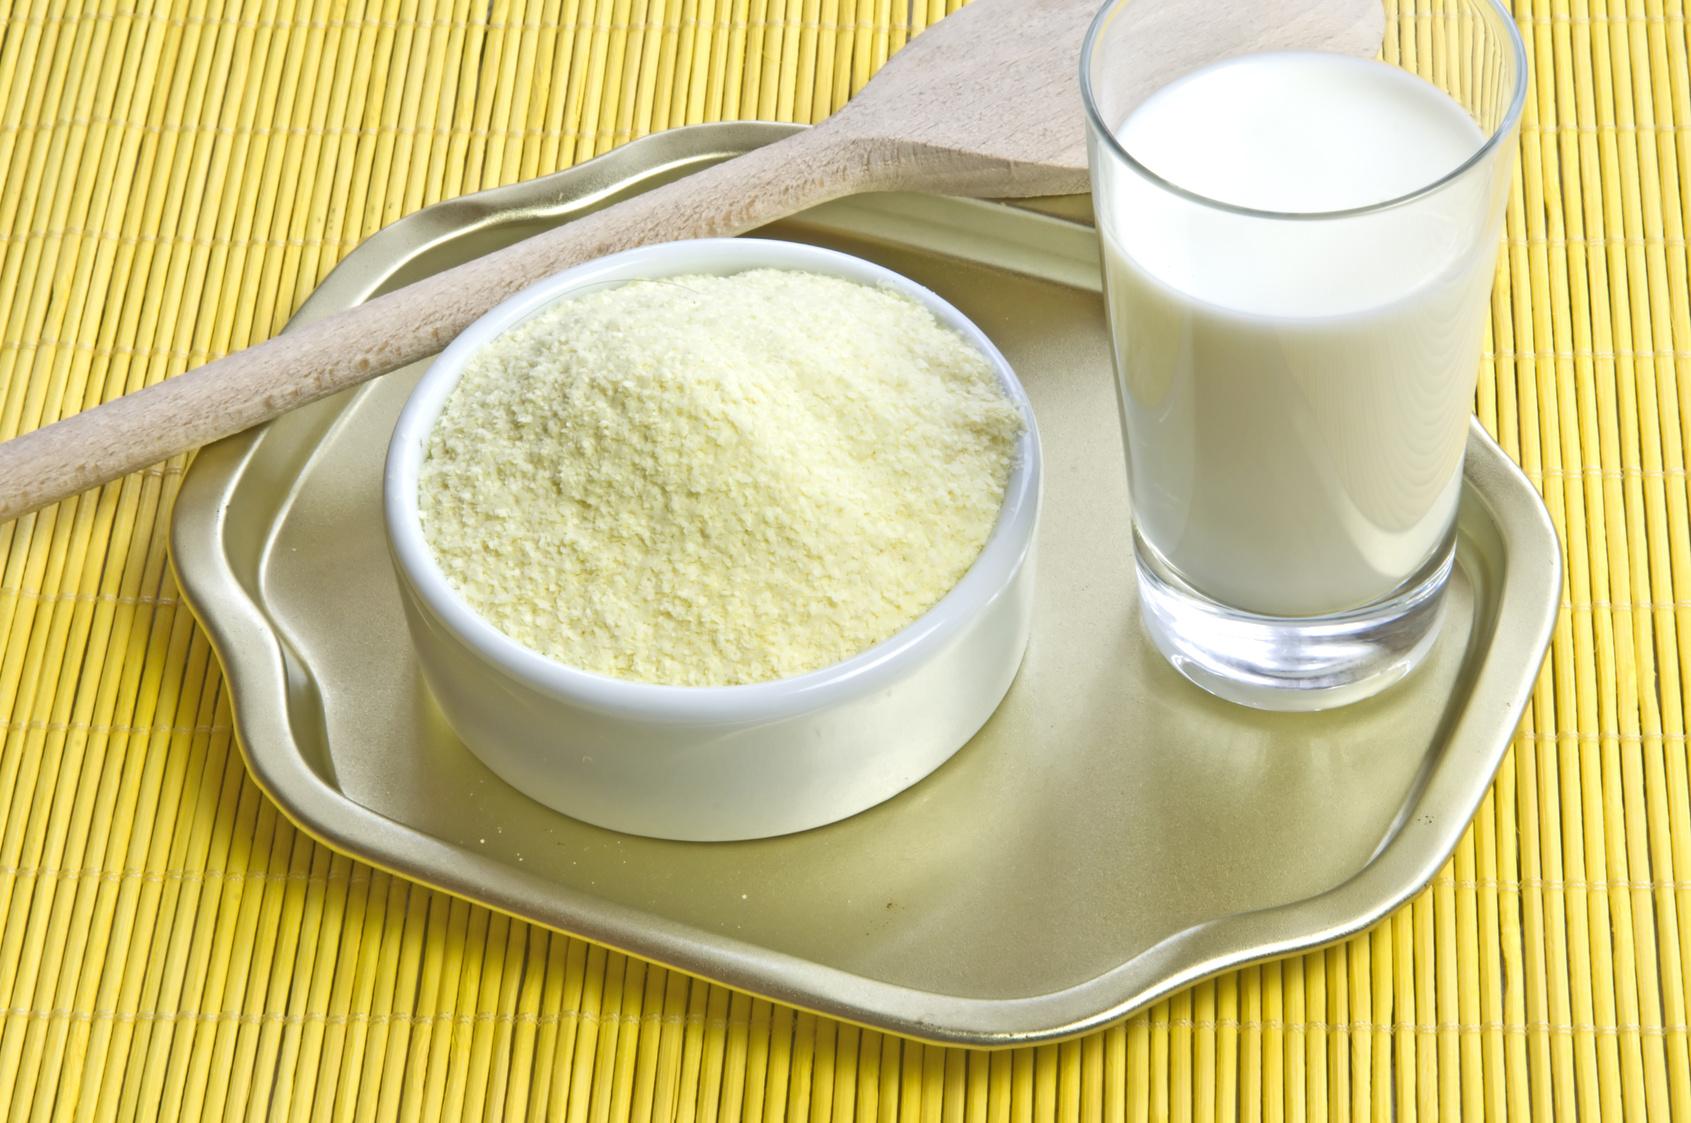 Apa yang Membedakan Susu Full Cream dengan Susu Lain?